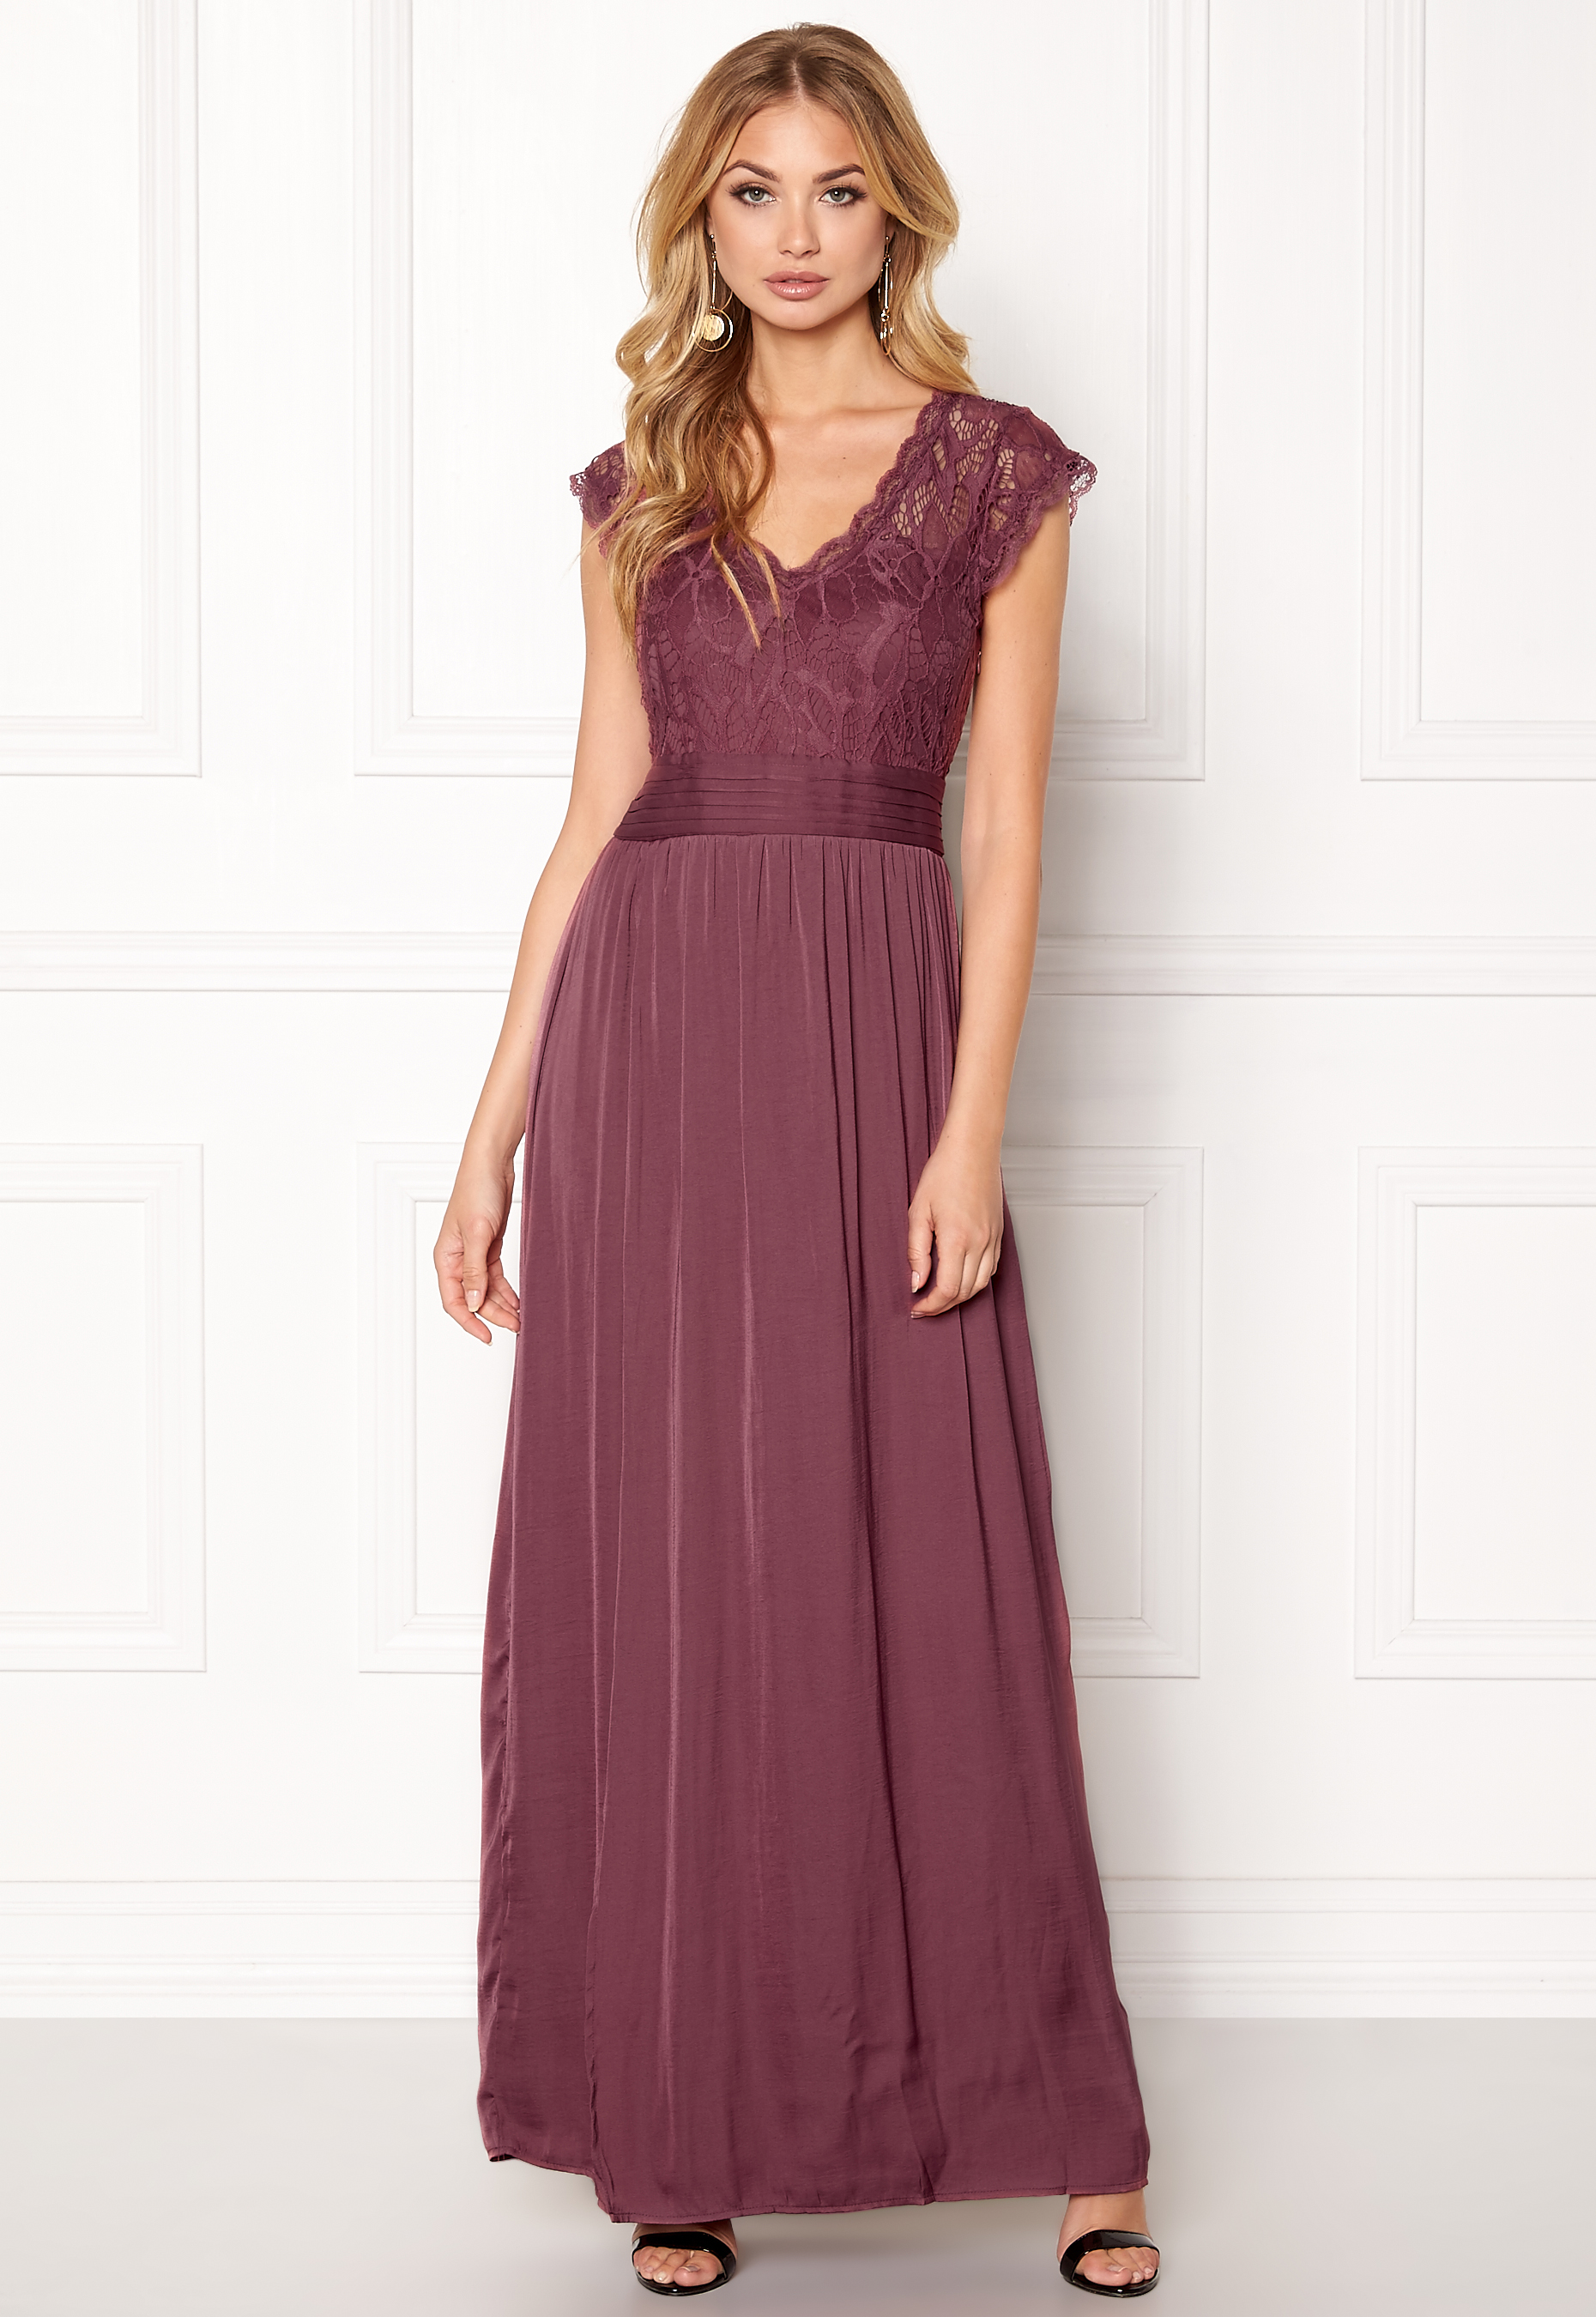 98d81a0671e2 VILA Ponny Maxi Dress Renaissance Rose - Bubbleroom